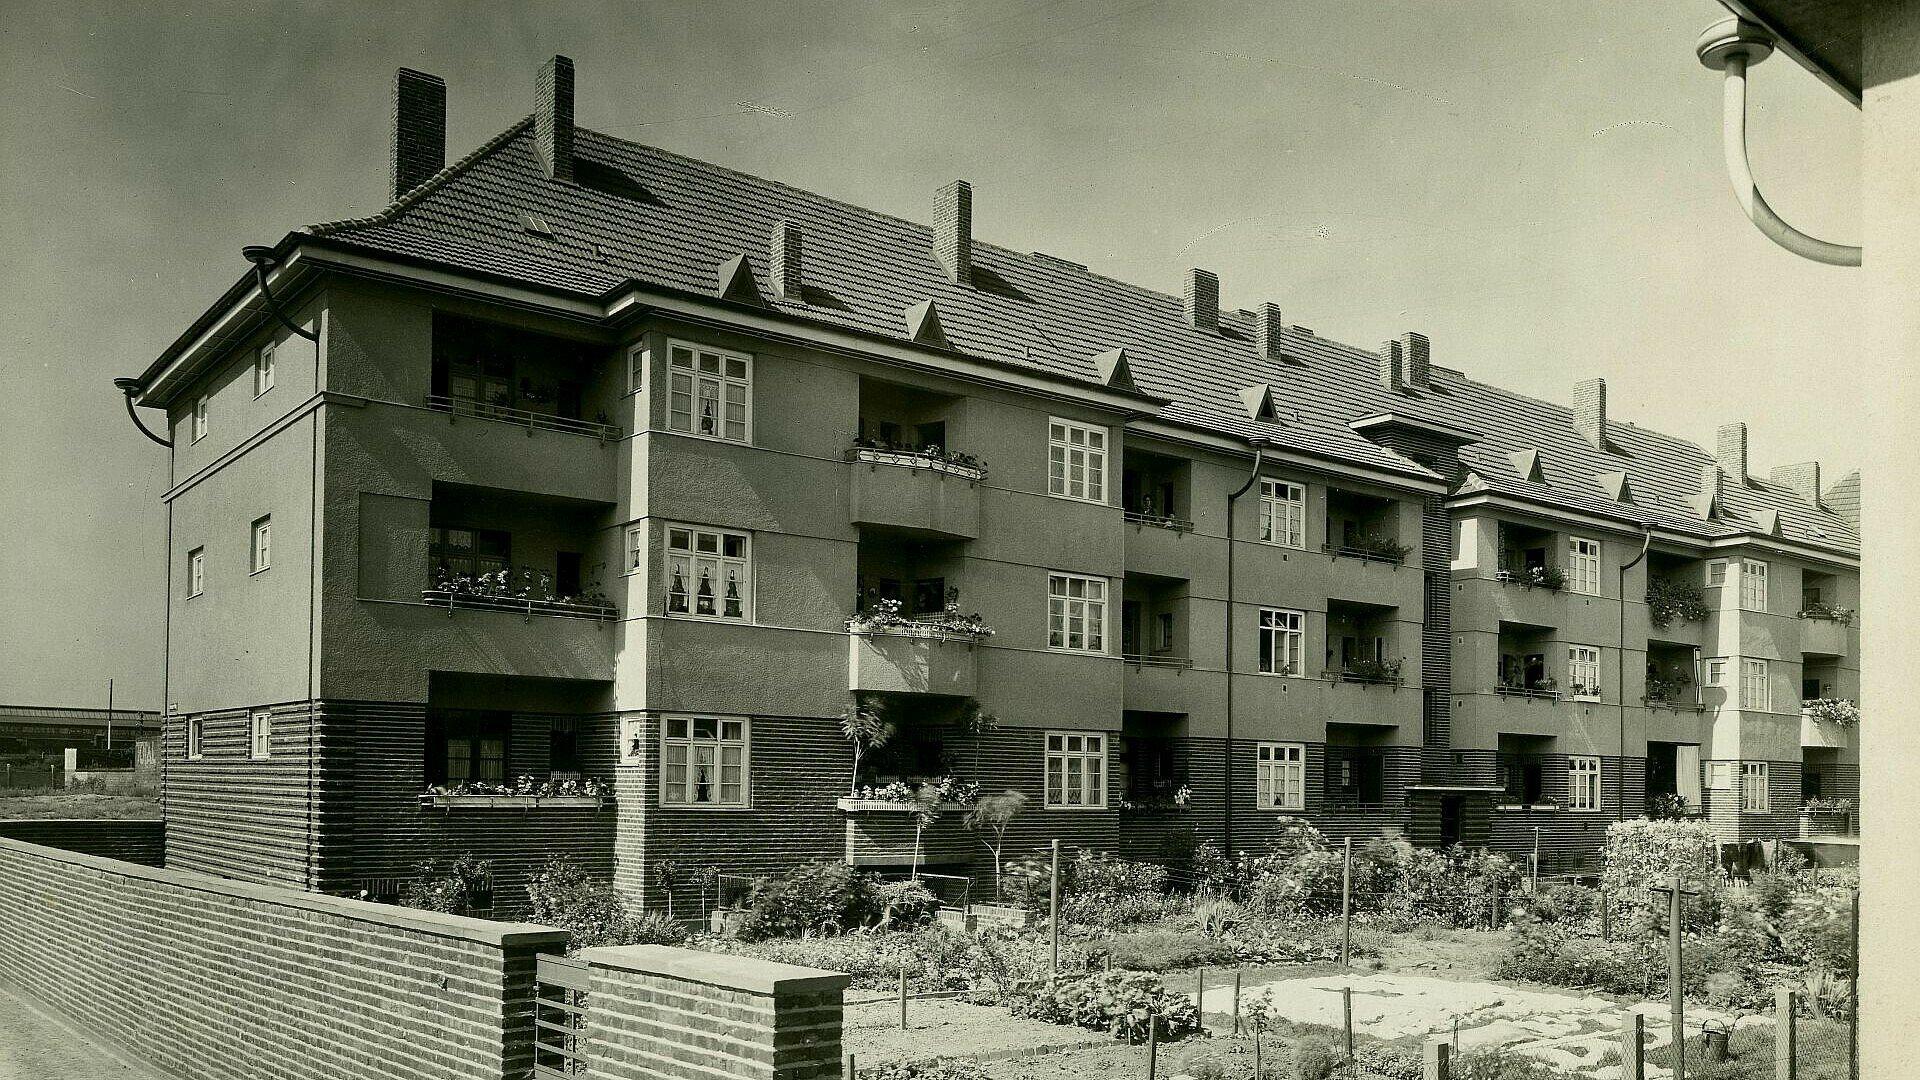 Historisches Foto von Gartenparzellen in der Germaniasiedlung in Höhenberg